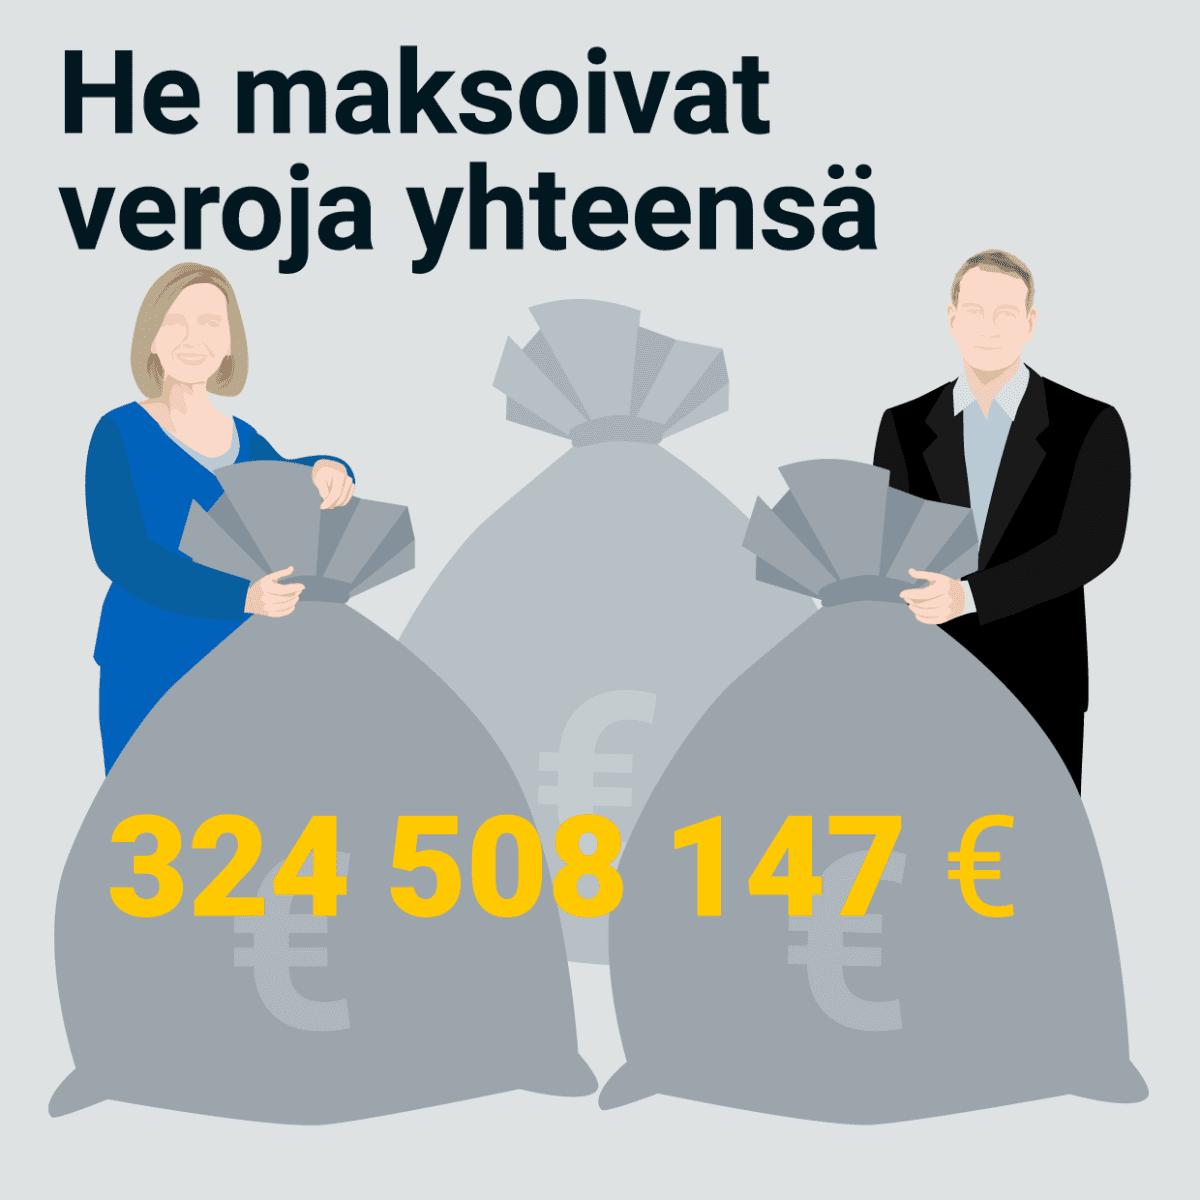 He maksoivat veroja yhteensä 324 508 147 euroa.